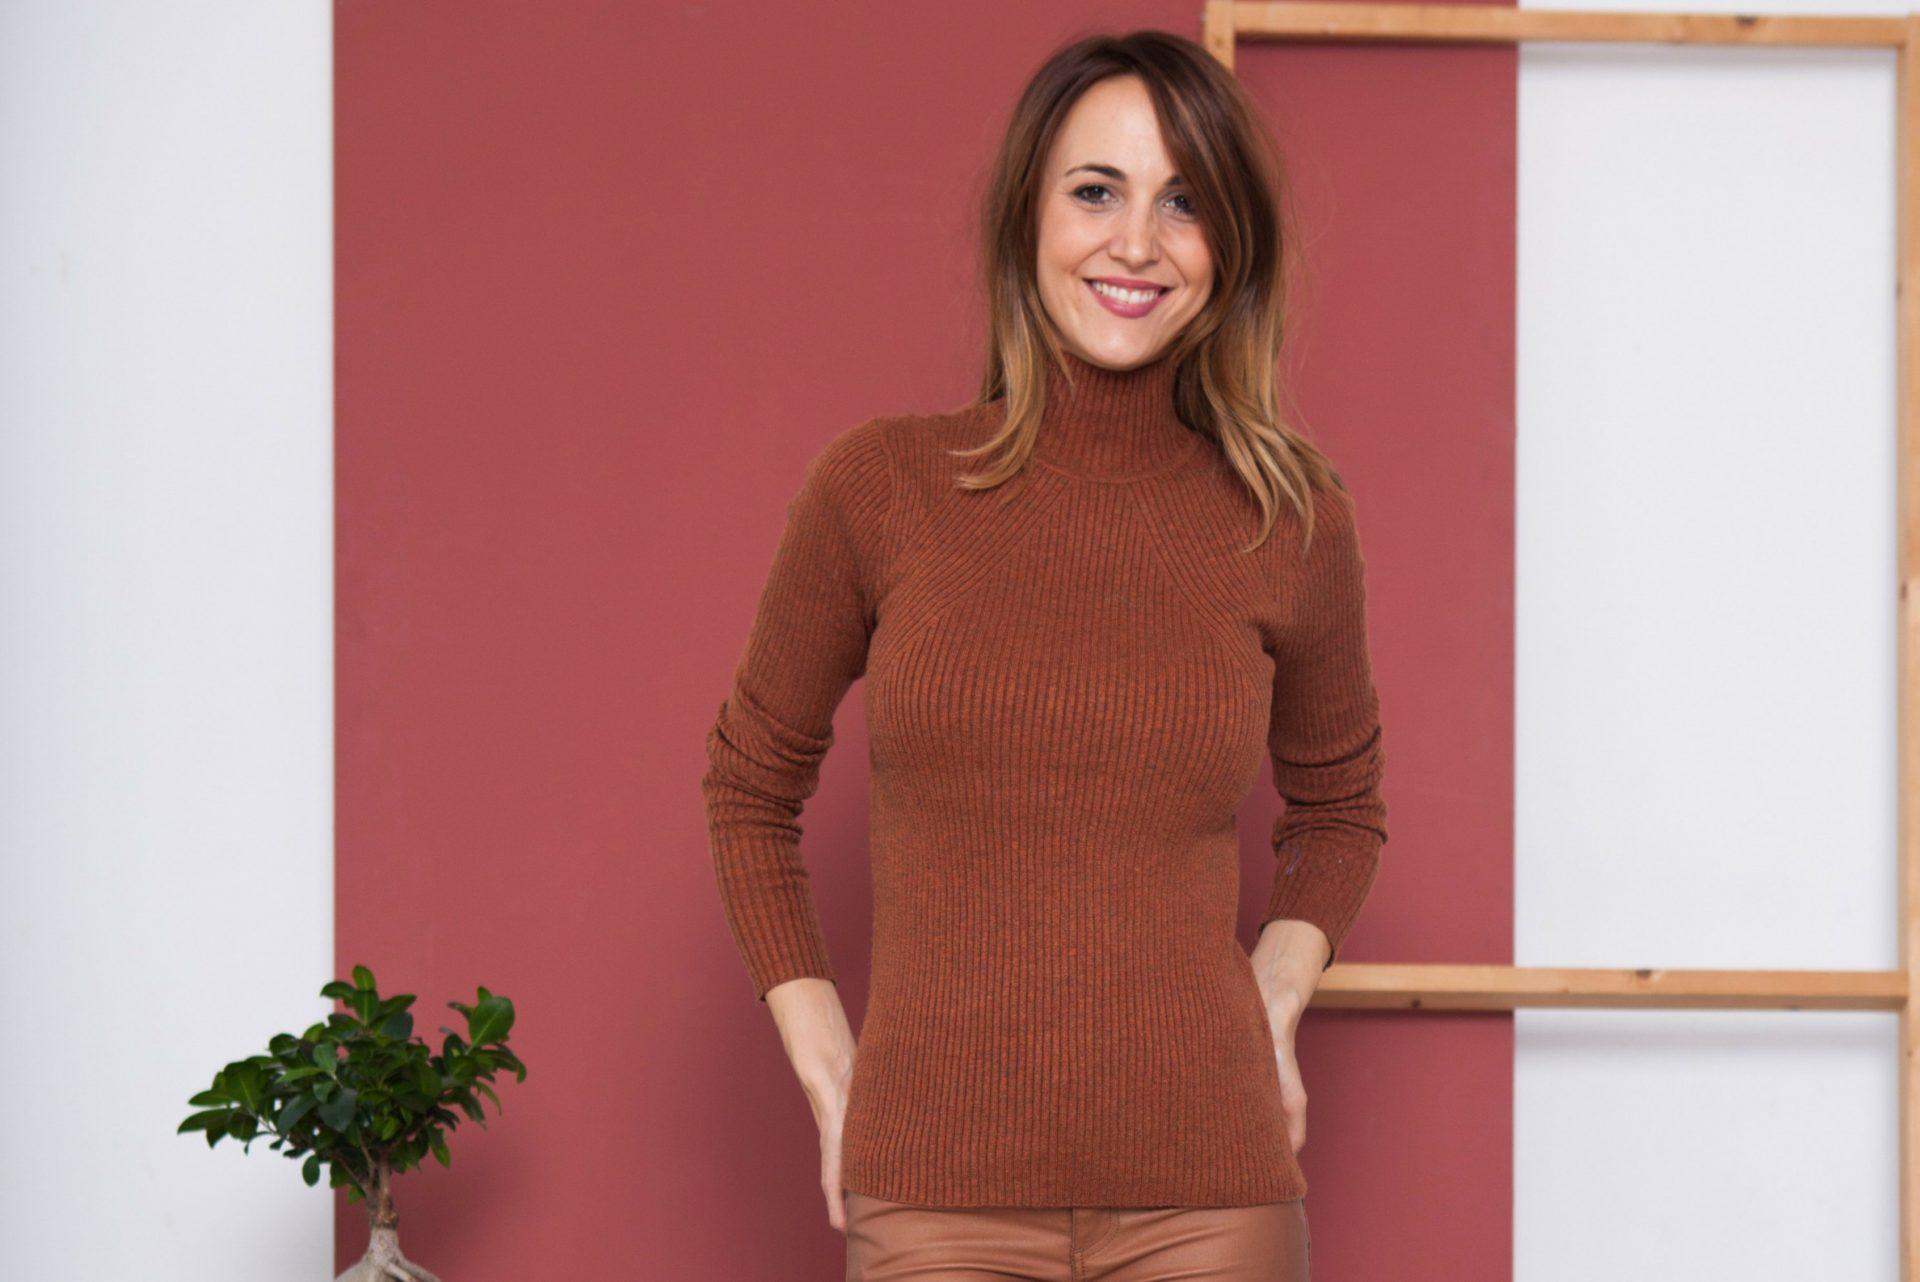 Mujer con jersey de color maple